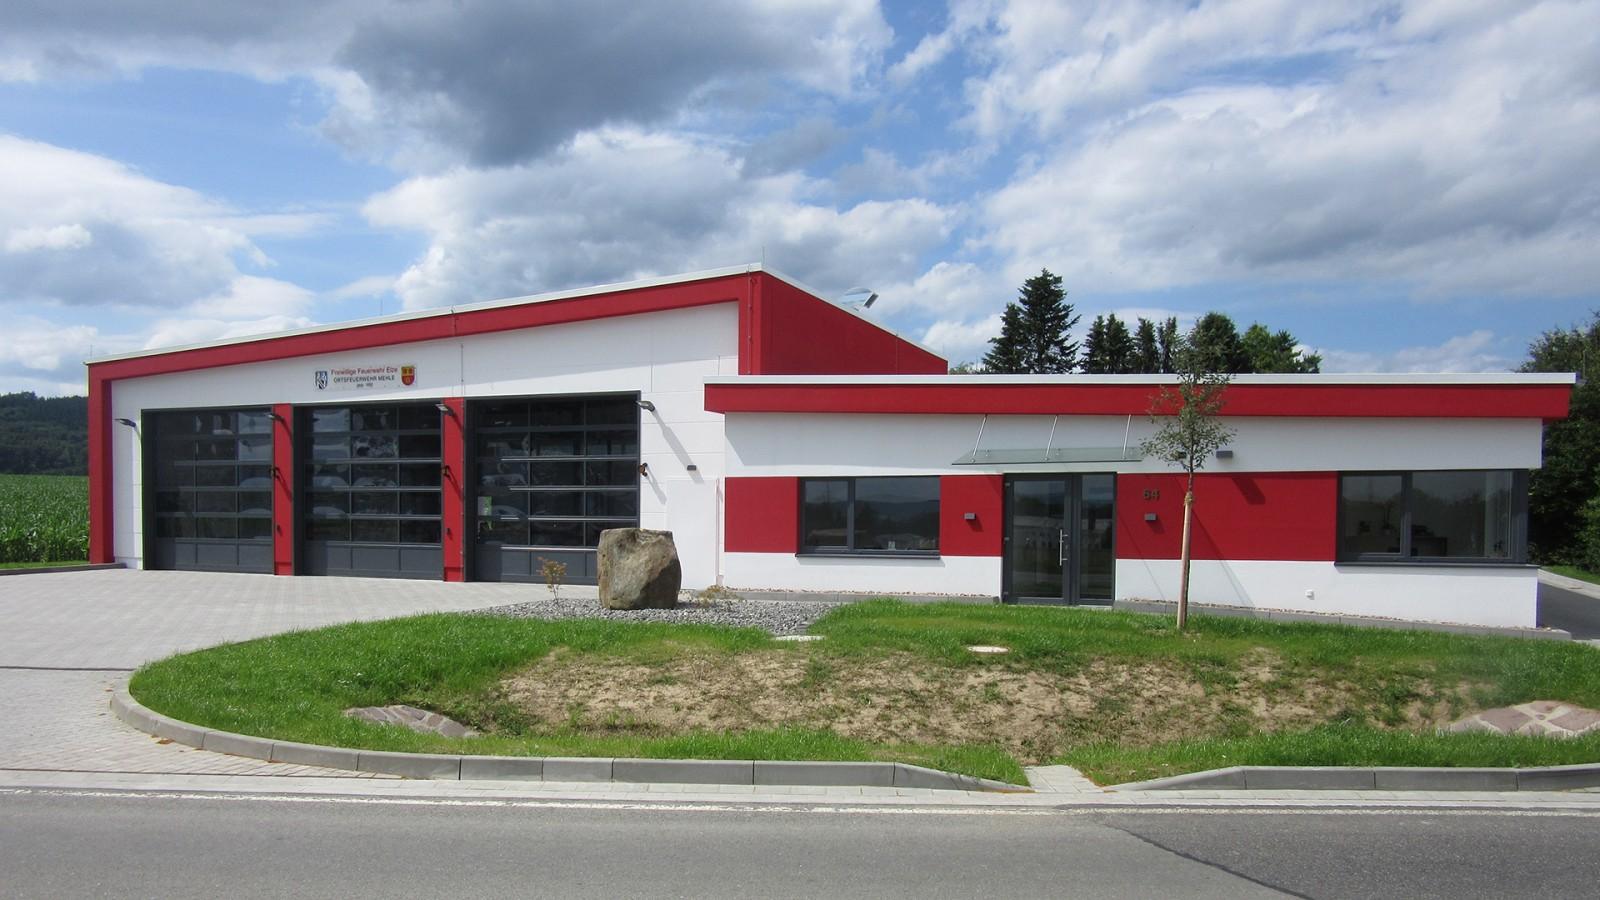 Feuerwehr Mehle | JUNG - Architekturbüro, Innenarchitekturbüro Hildesheim